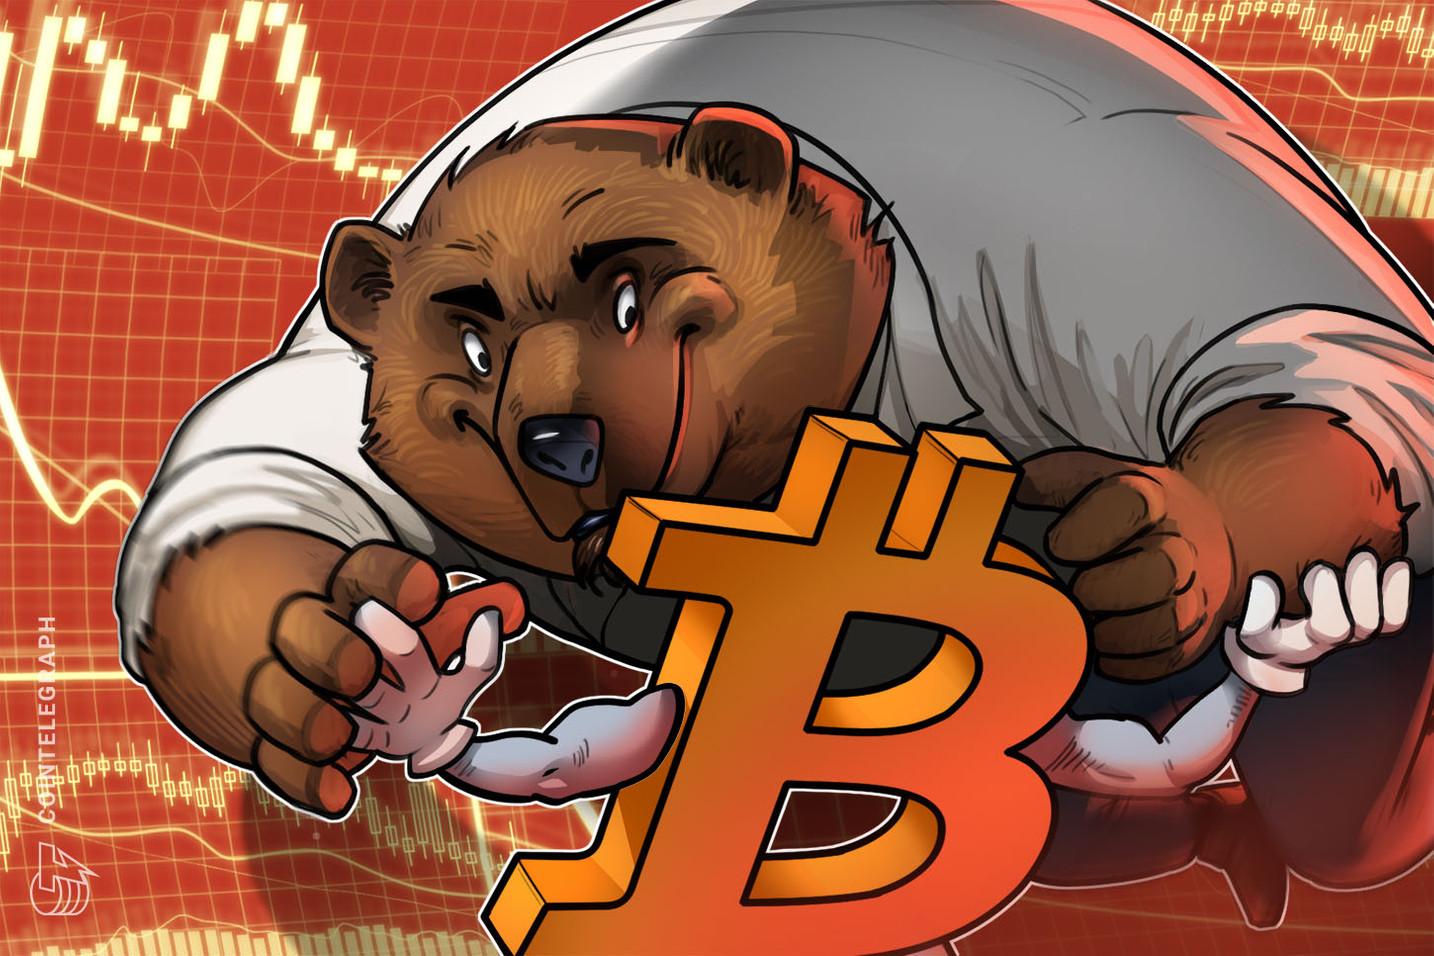 $13K बिटकॉइन की कीमत की भविष्यवाणी बीटीसी के ऐतिहासिक ट्रेंडलाइन से नीचे गिरने के साथ उभरती है emerge